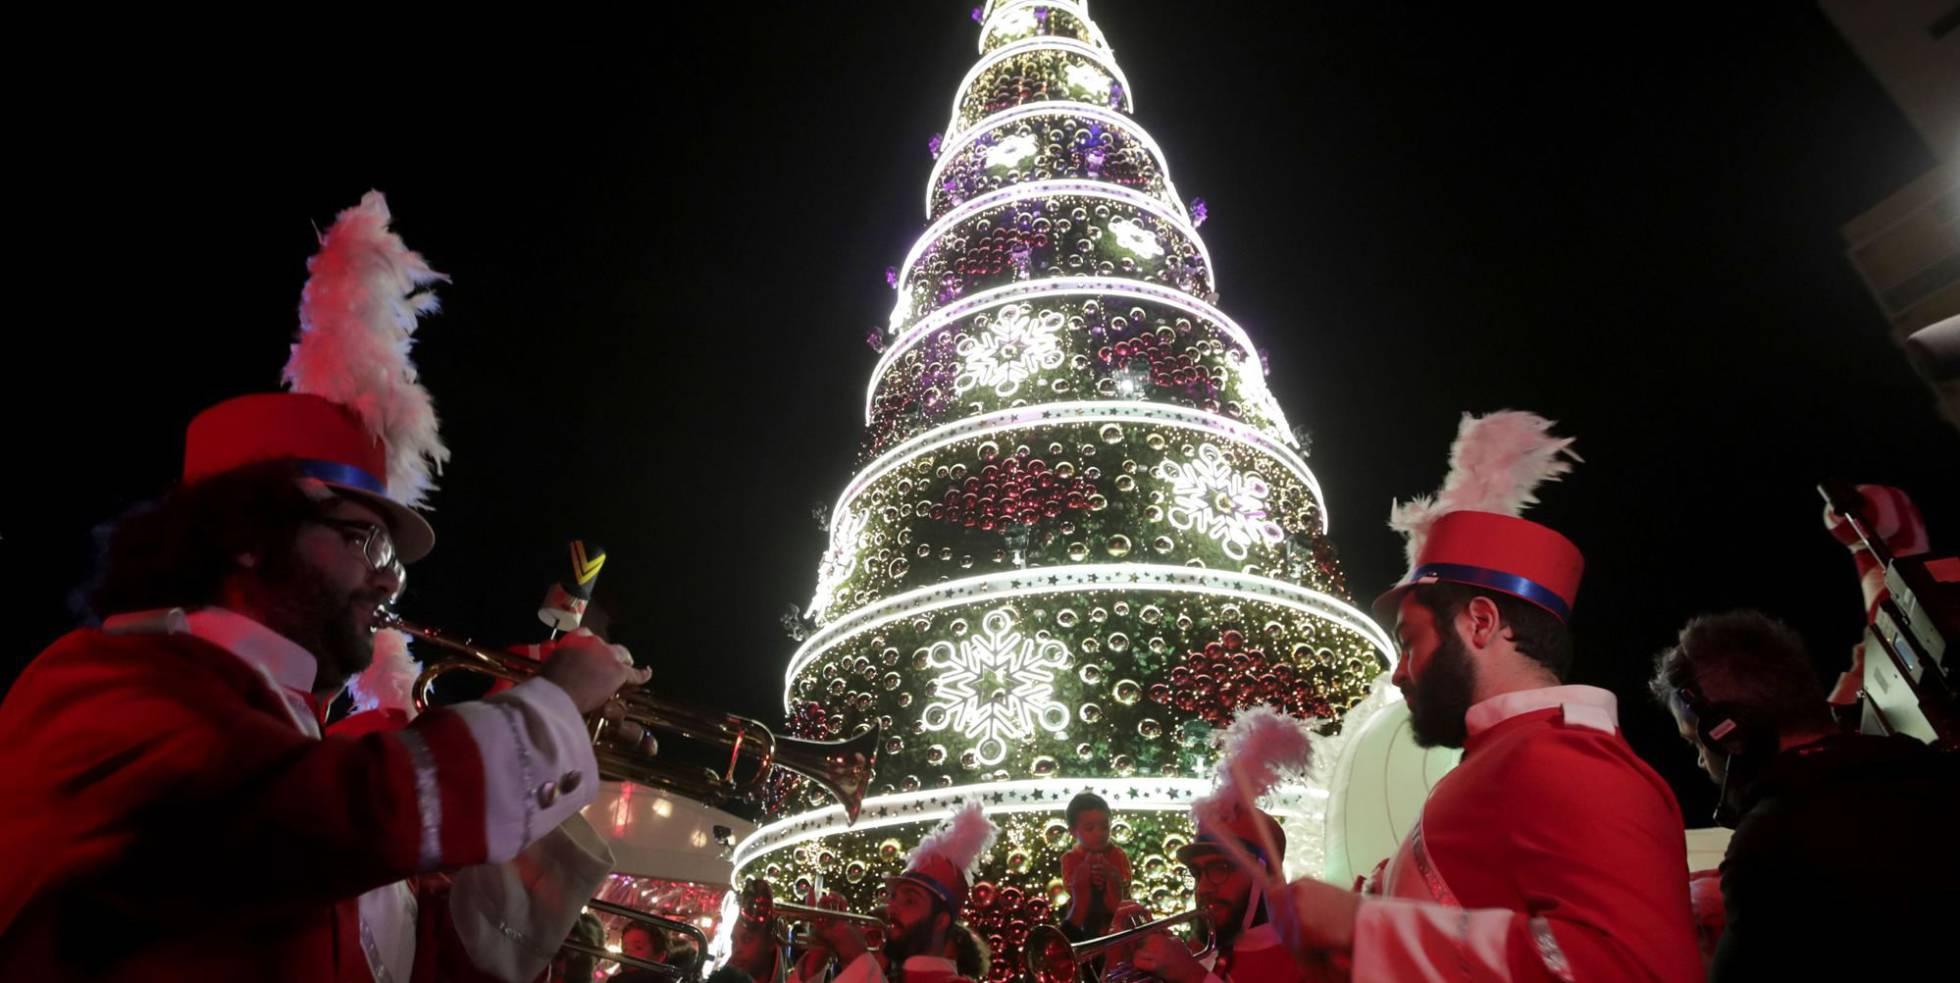 Uma banda interpreta durante a ignição do natal em Beirute.